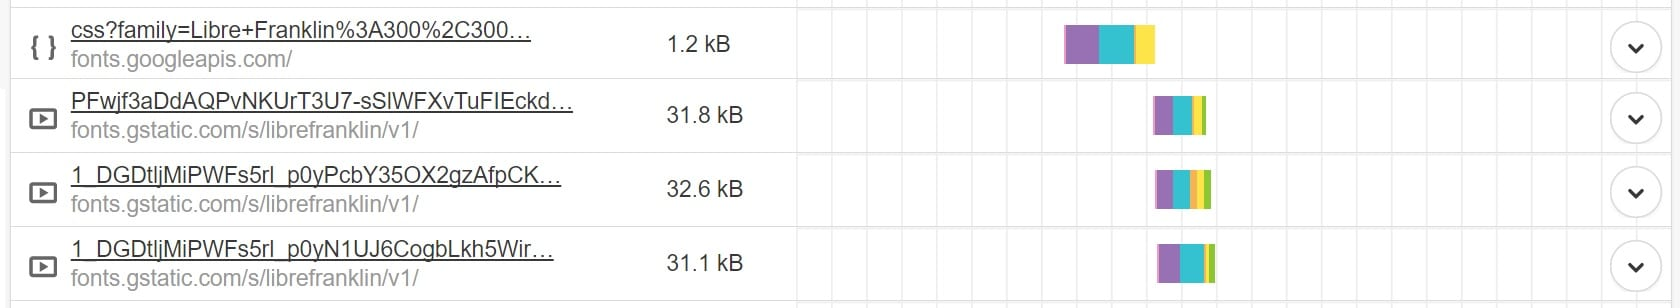 Recherche DNS Google fonts